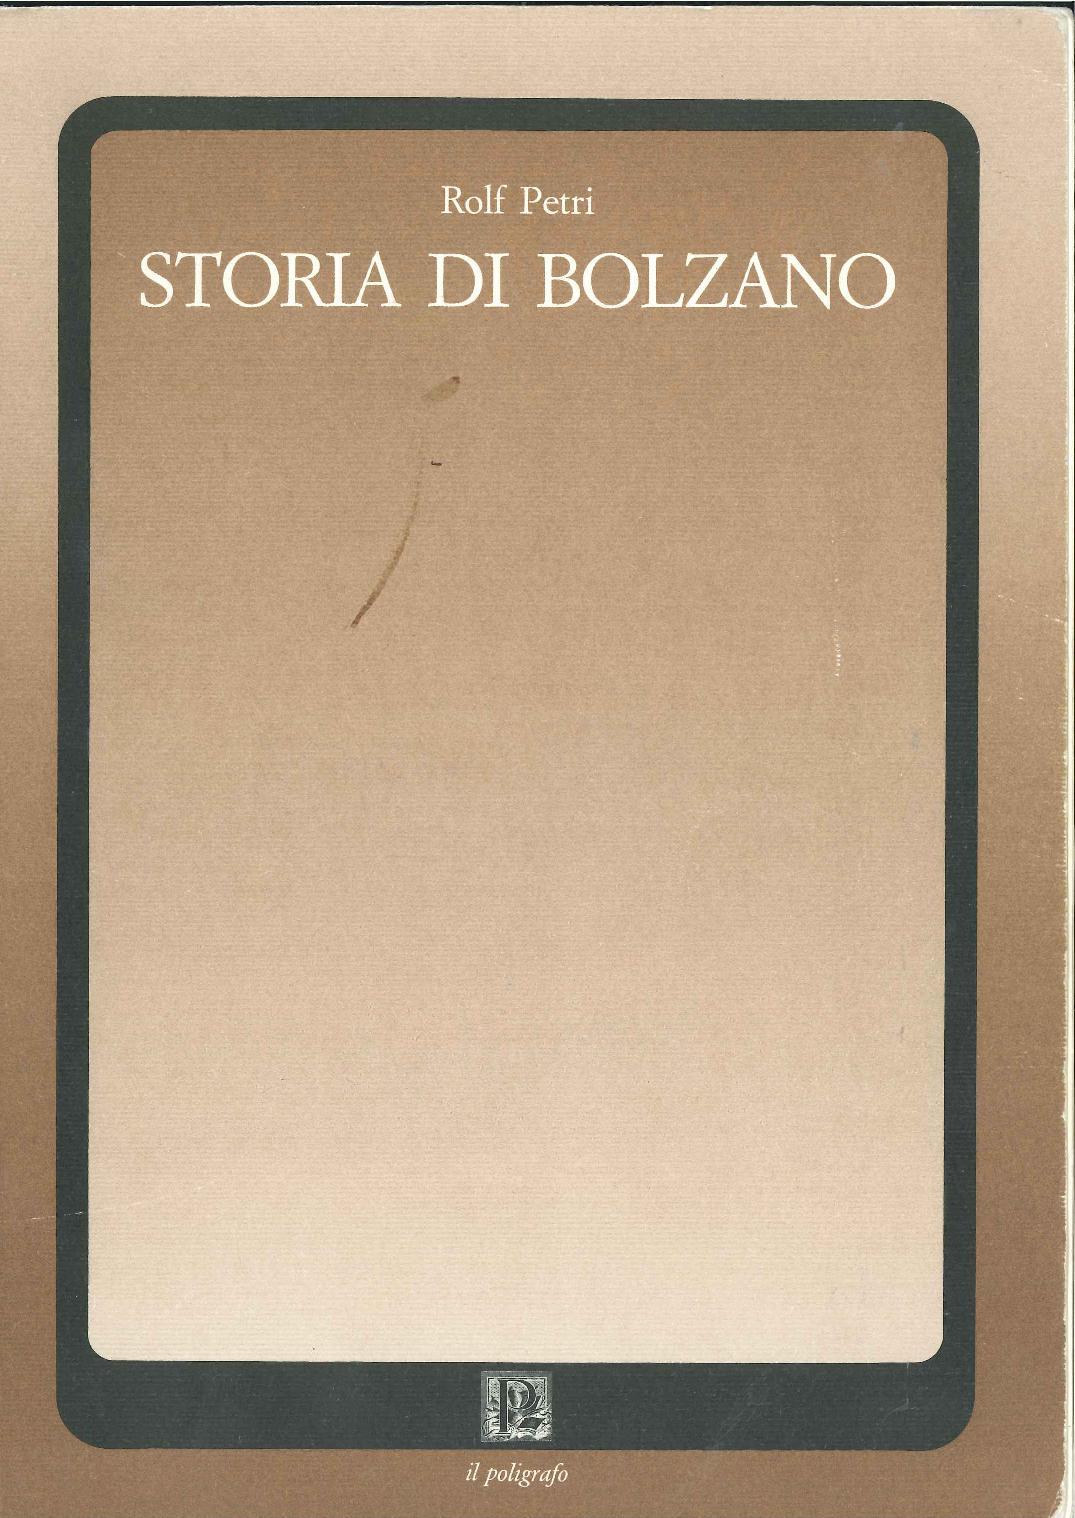 Storia di Bolzano